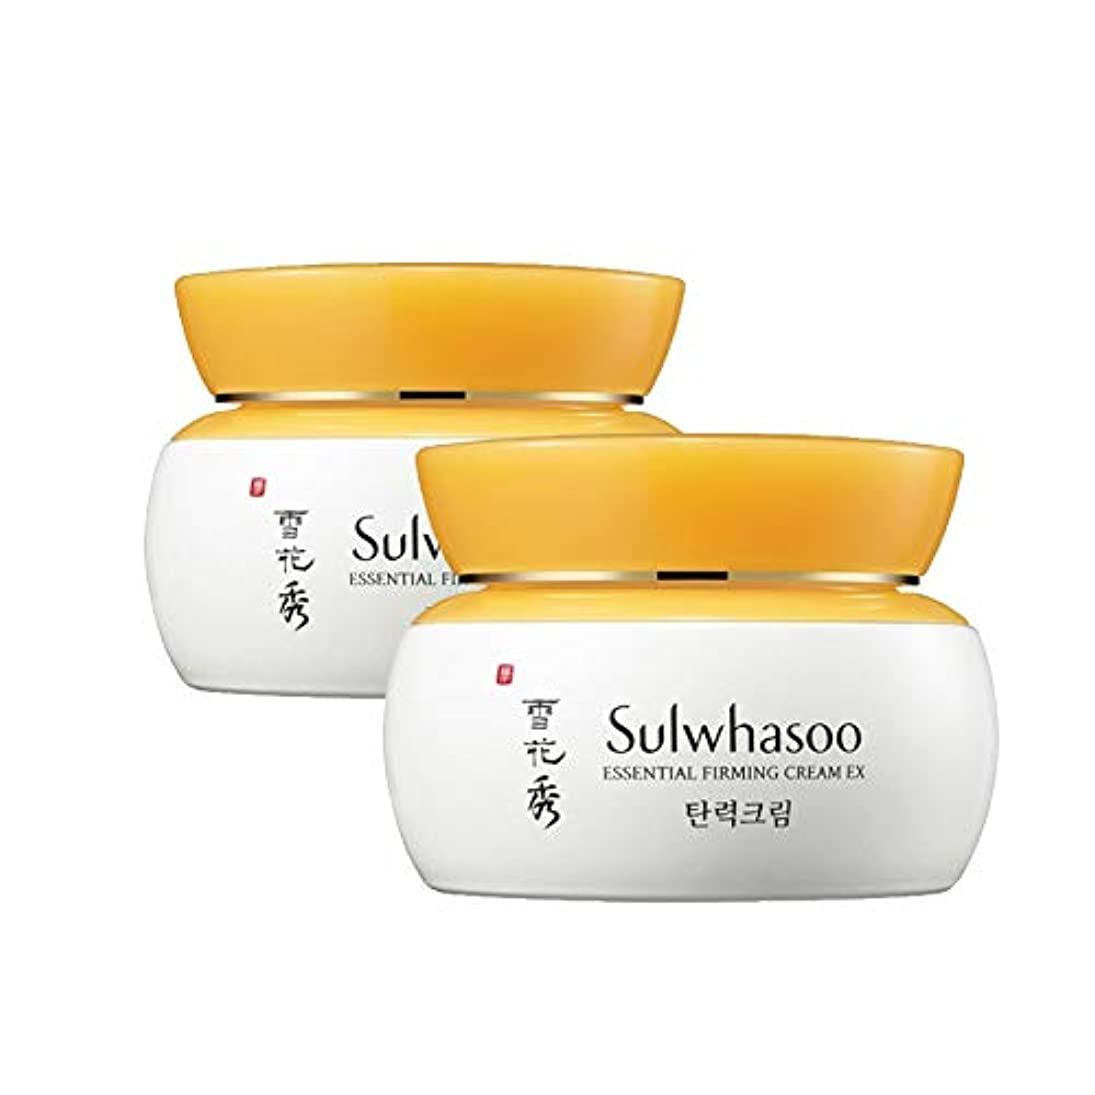 顎歩き回る男性雪花秀エッセンシャルパーミングクリーム 75mlx2本セット 弾力クリーム韓国コスメ、Sulwhasoo Essential Firming Cream 75ml x 2ea Set Korean Cosmetics [...